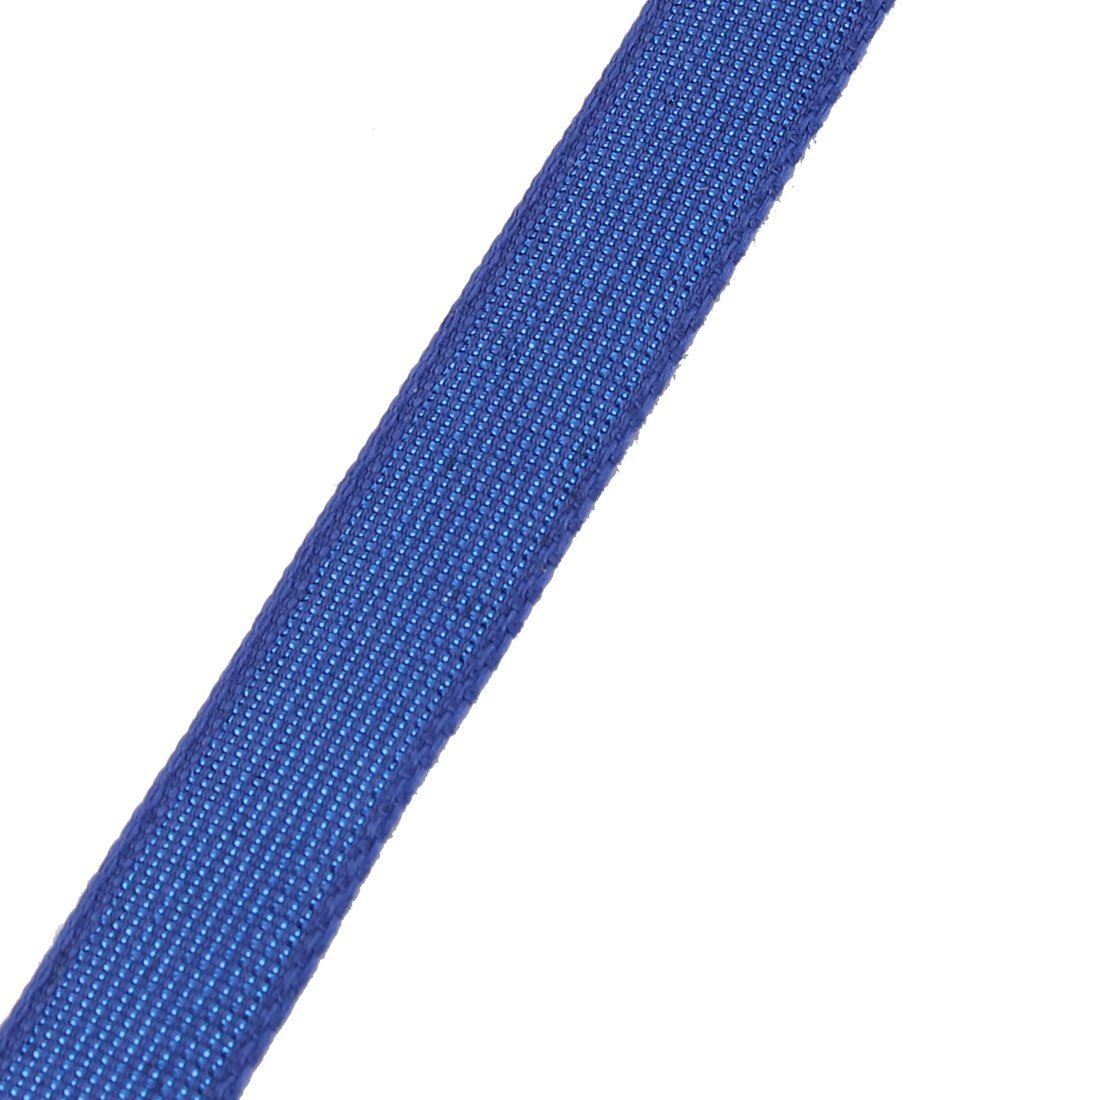 Amazon.com: Festival de la Cinta de terciopelo eDealMax Bling de la decoración DIY Regalo Cinta de cabeza yardas 50 1 cm Ancho Azul Real: Health & Personal ...